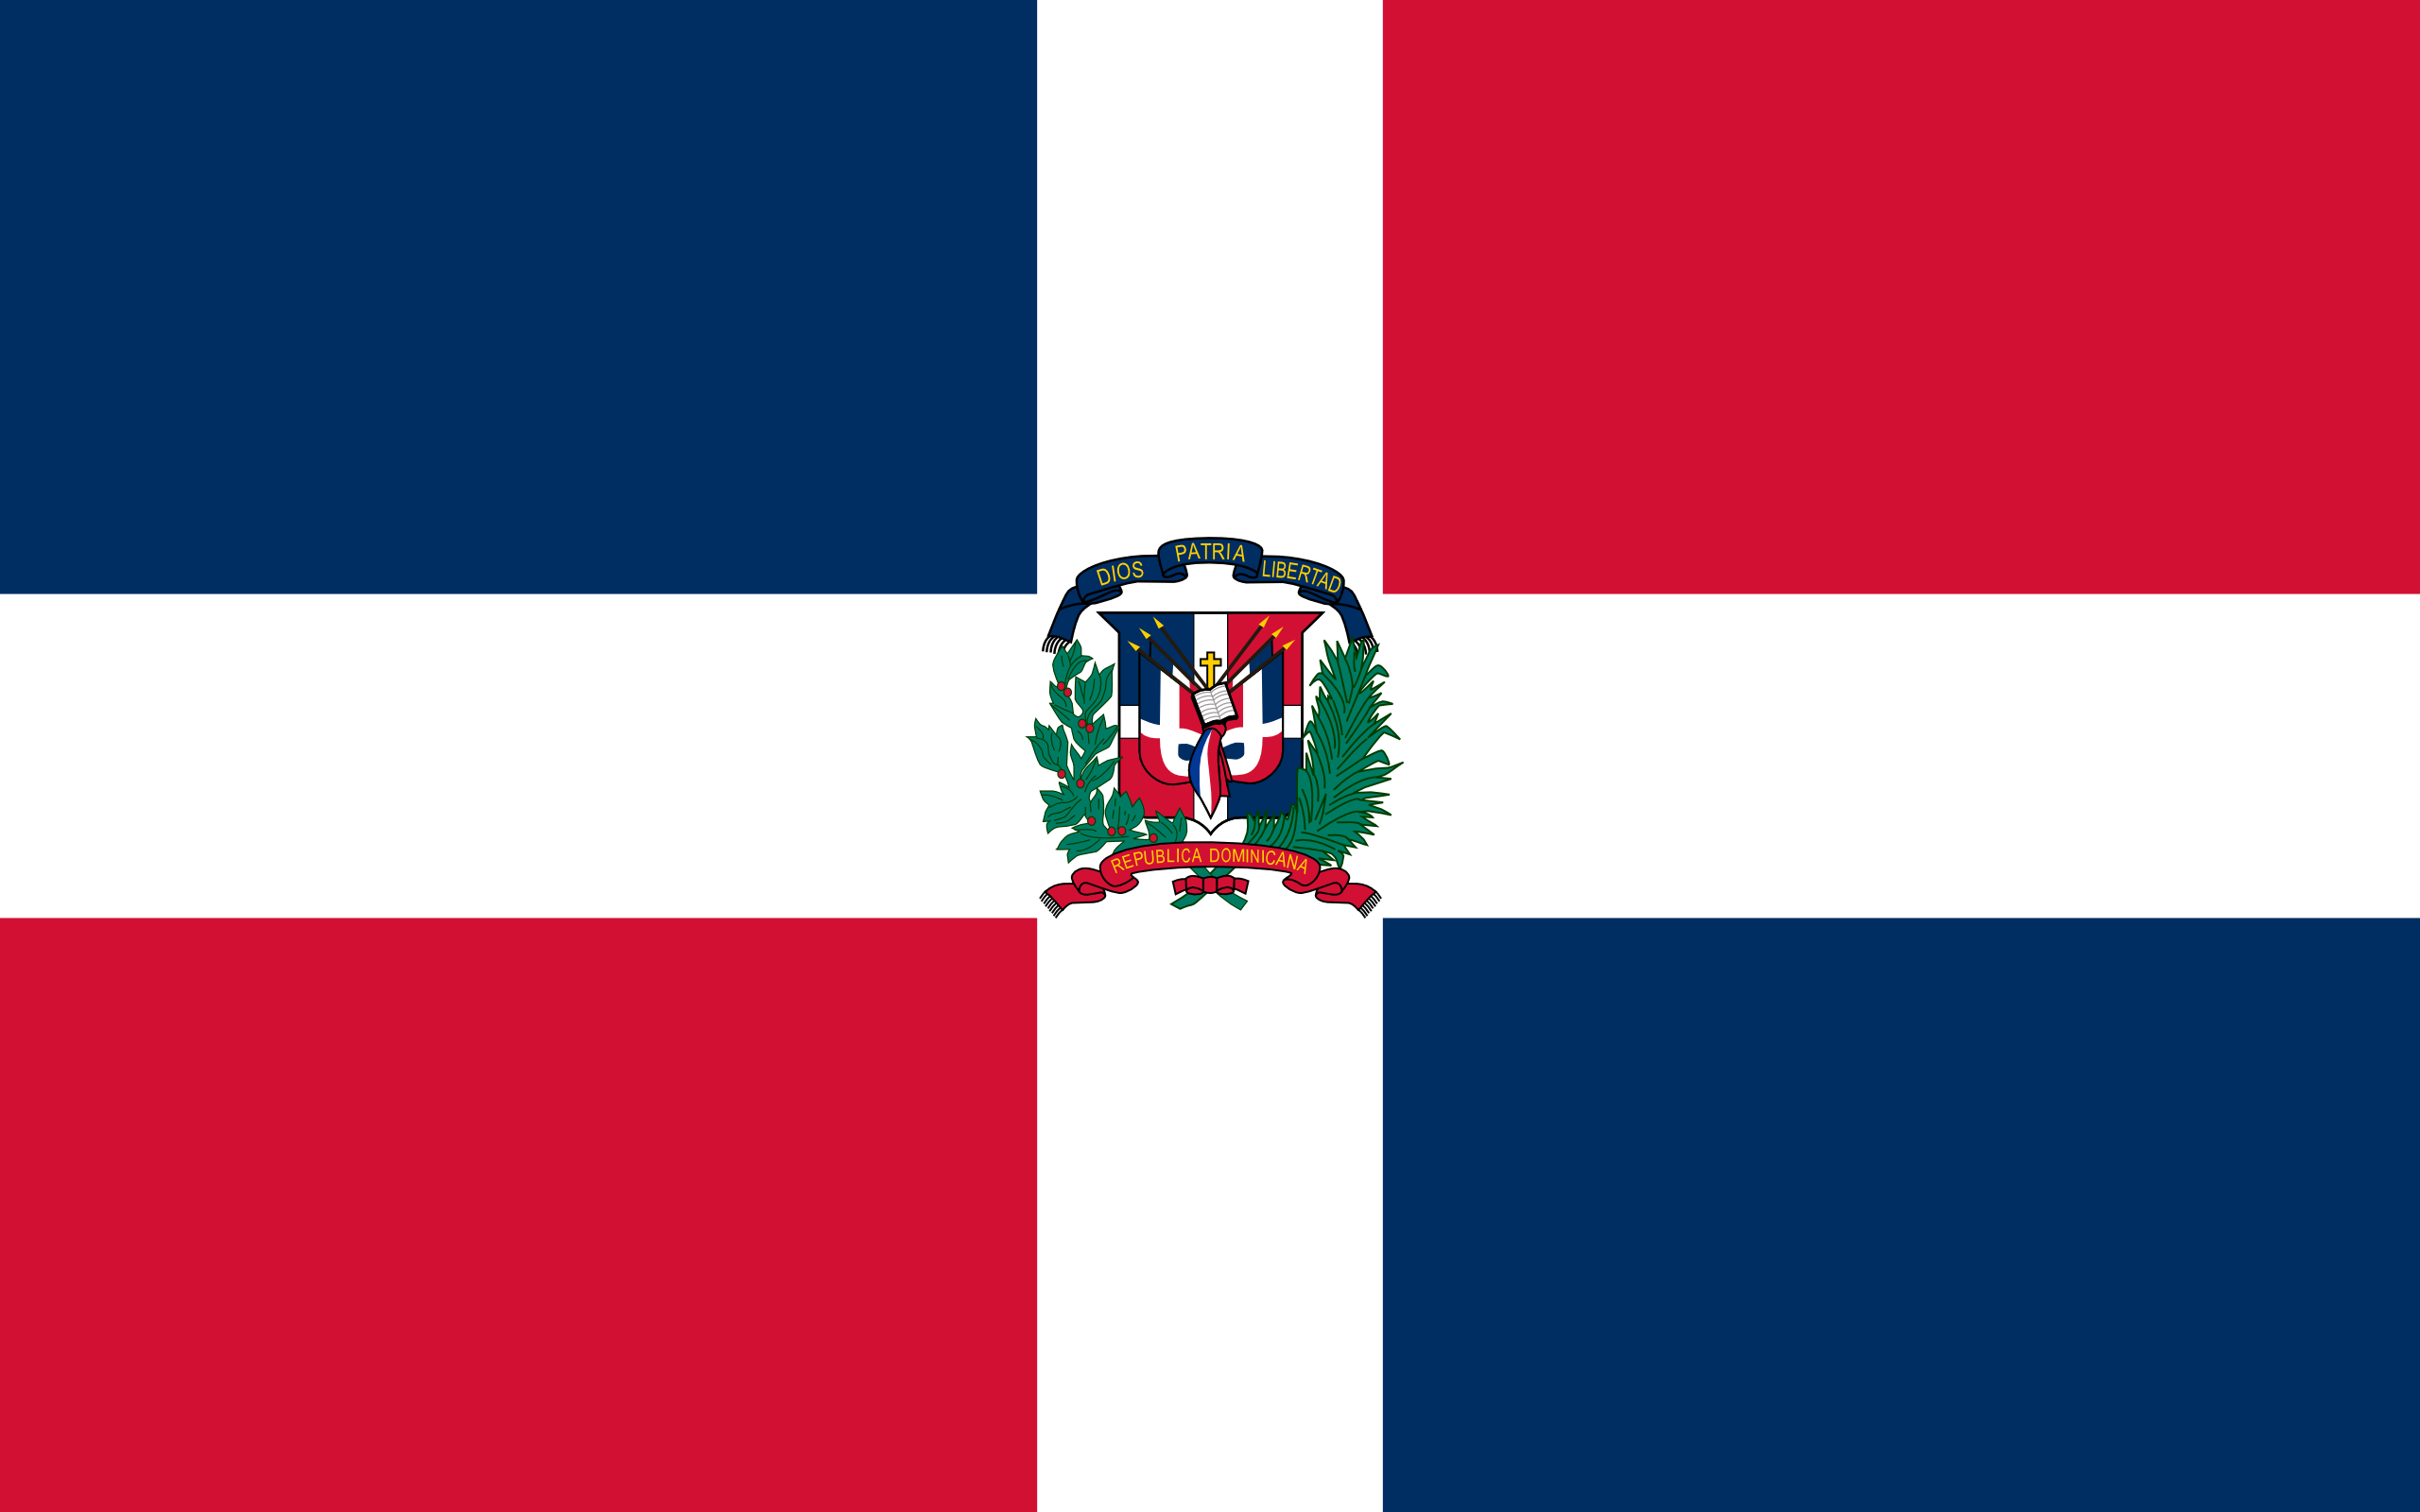 République dominicaine, pays, emblème, logo, symbole - Fonds d'écran HD - Professor-falken.com